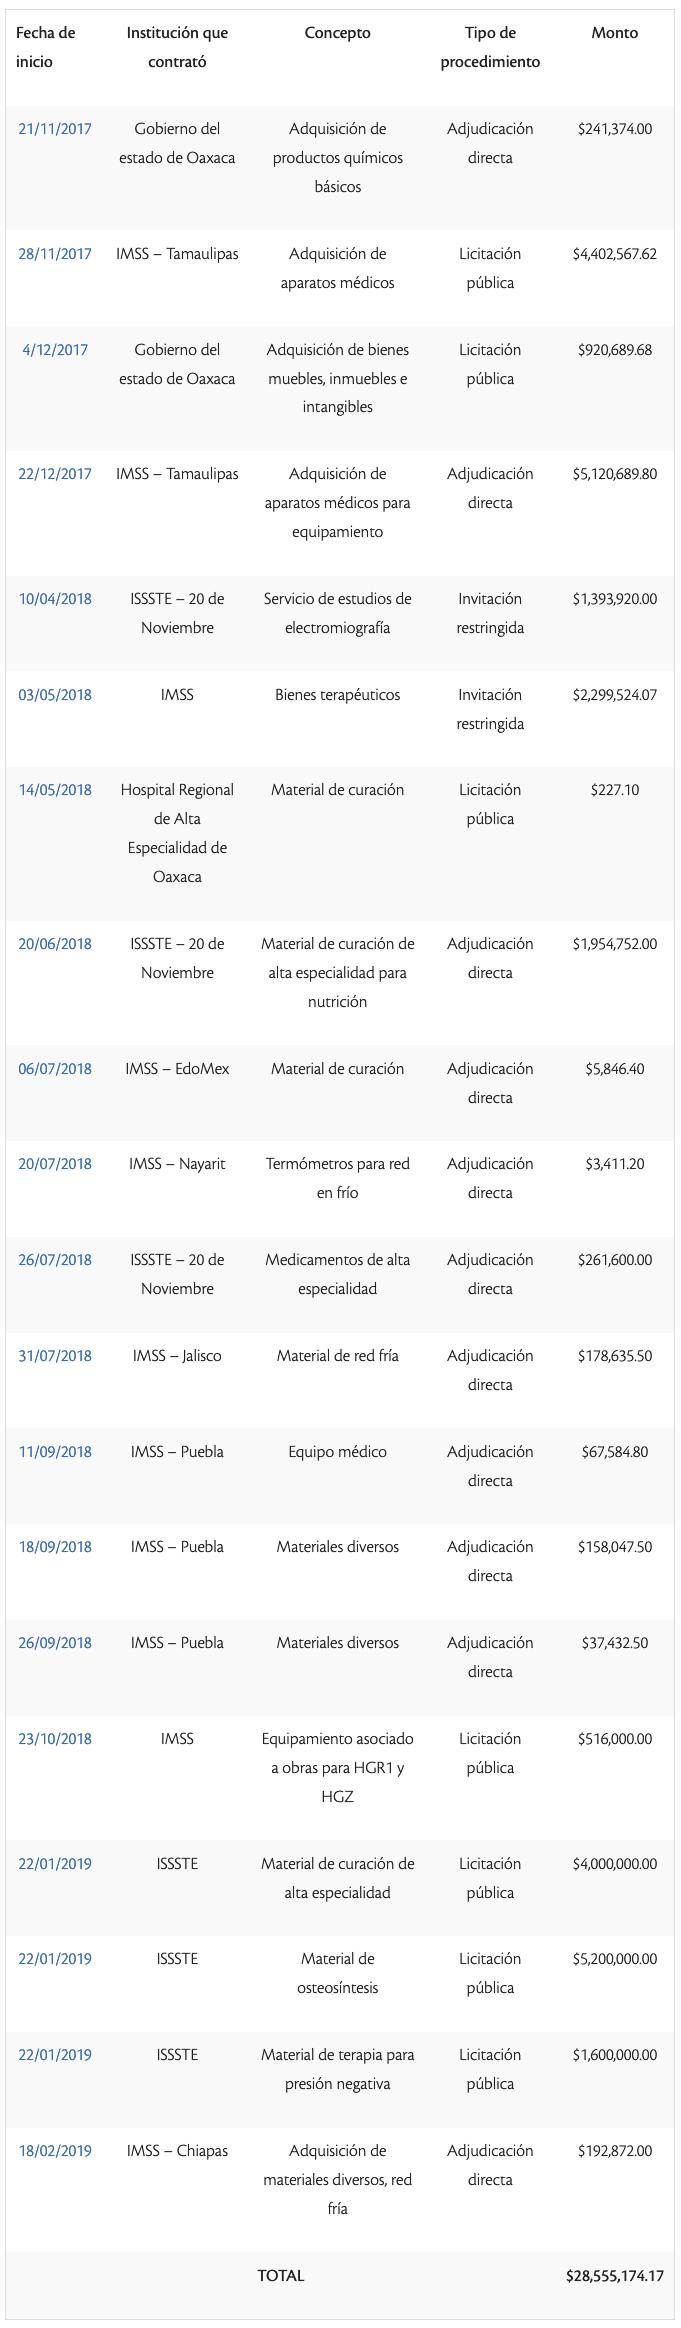 Contratos  de Interacción Biomédica registrados en Compranet después de haber sido declarada empresa fantasma